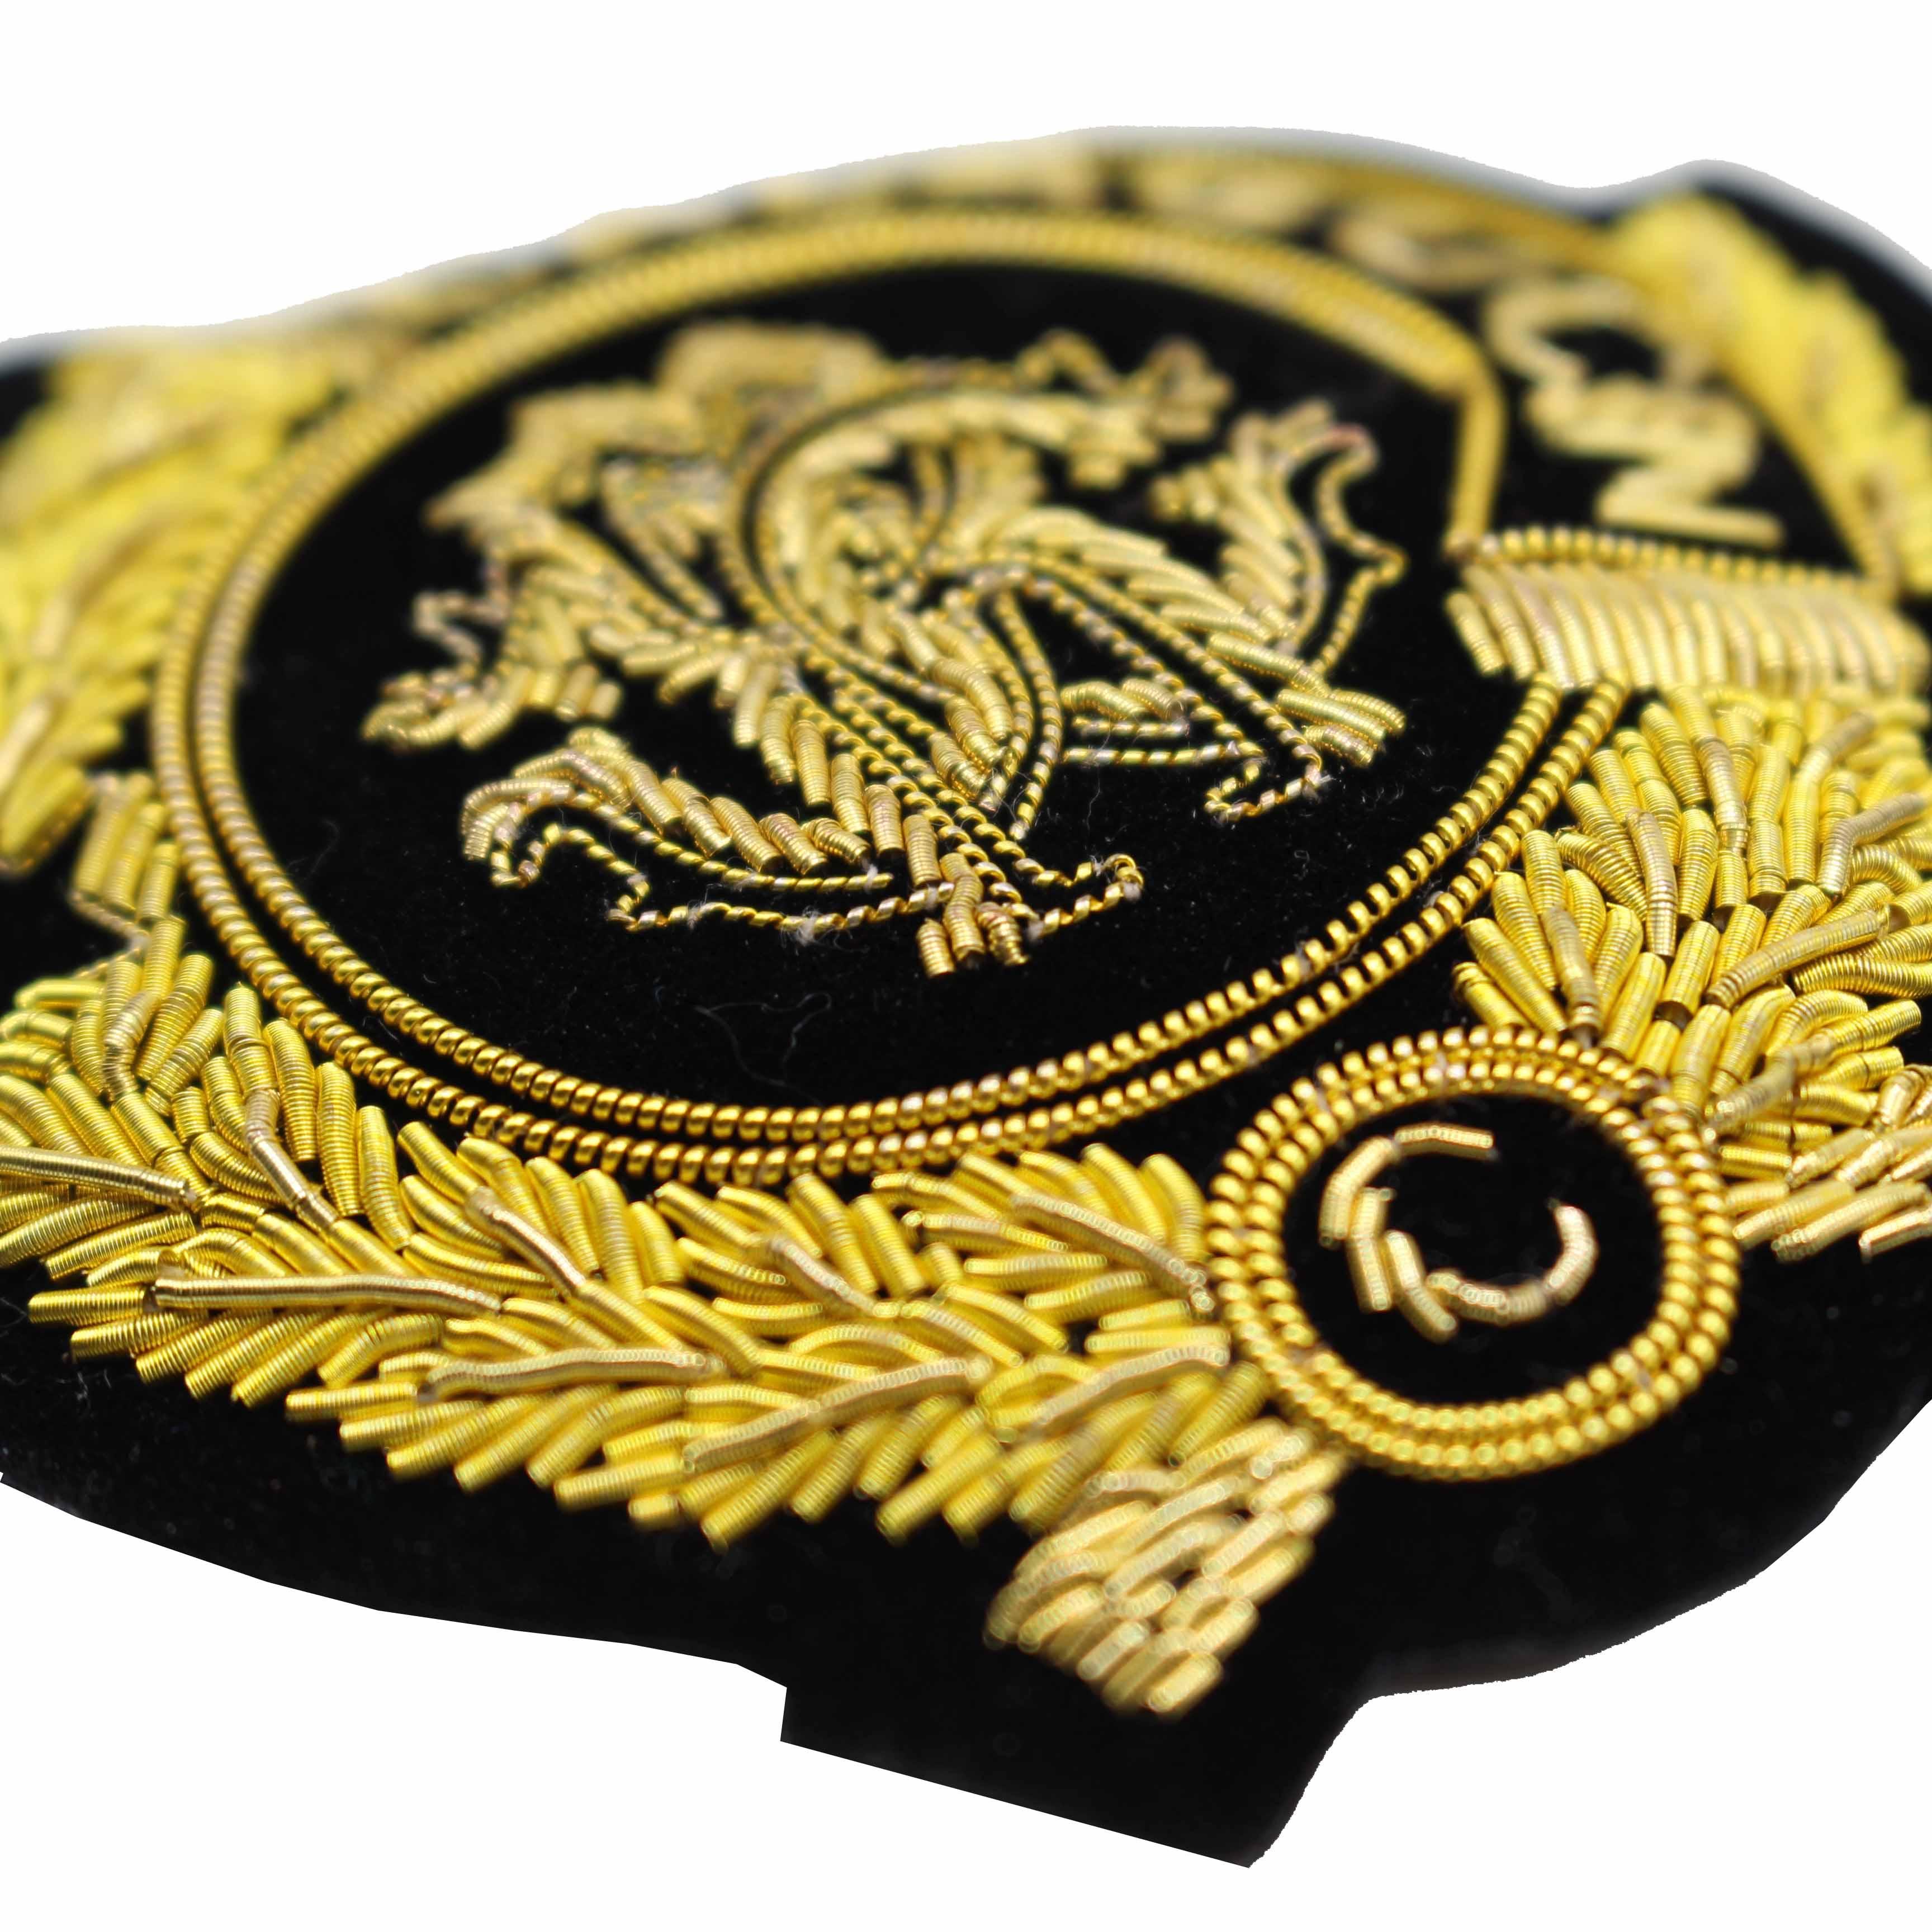 Gold Bullion Wire Blazer Badge - Buy Embroidered Bullion Wire Blazer  Badges,Military Bullion Badges,Uk Blazer Badge Product on Alibaba com